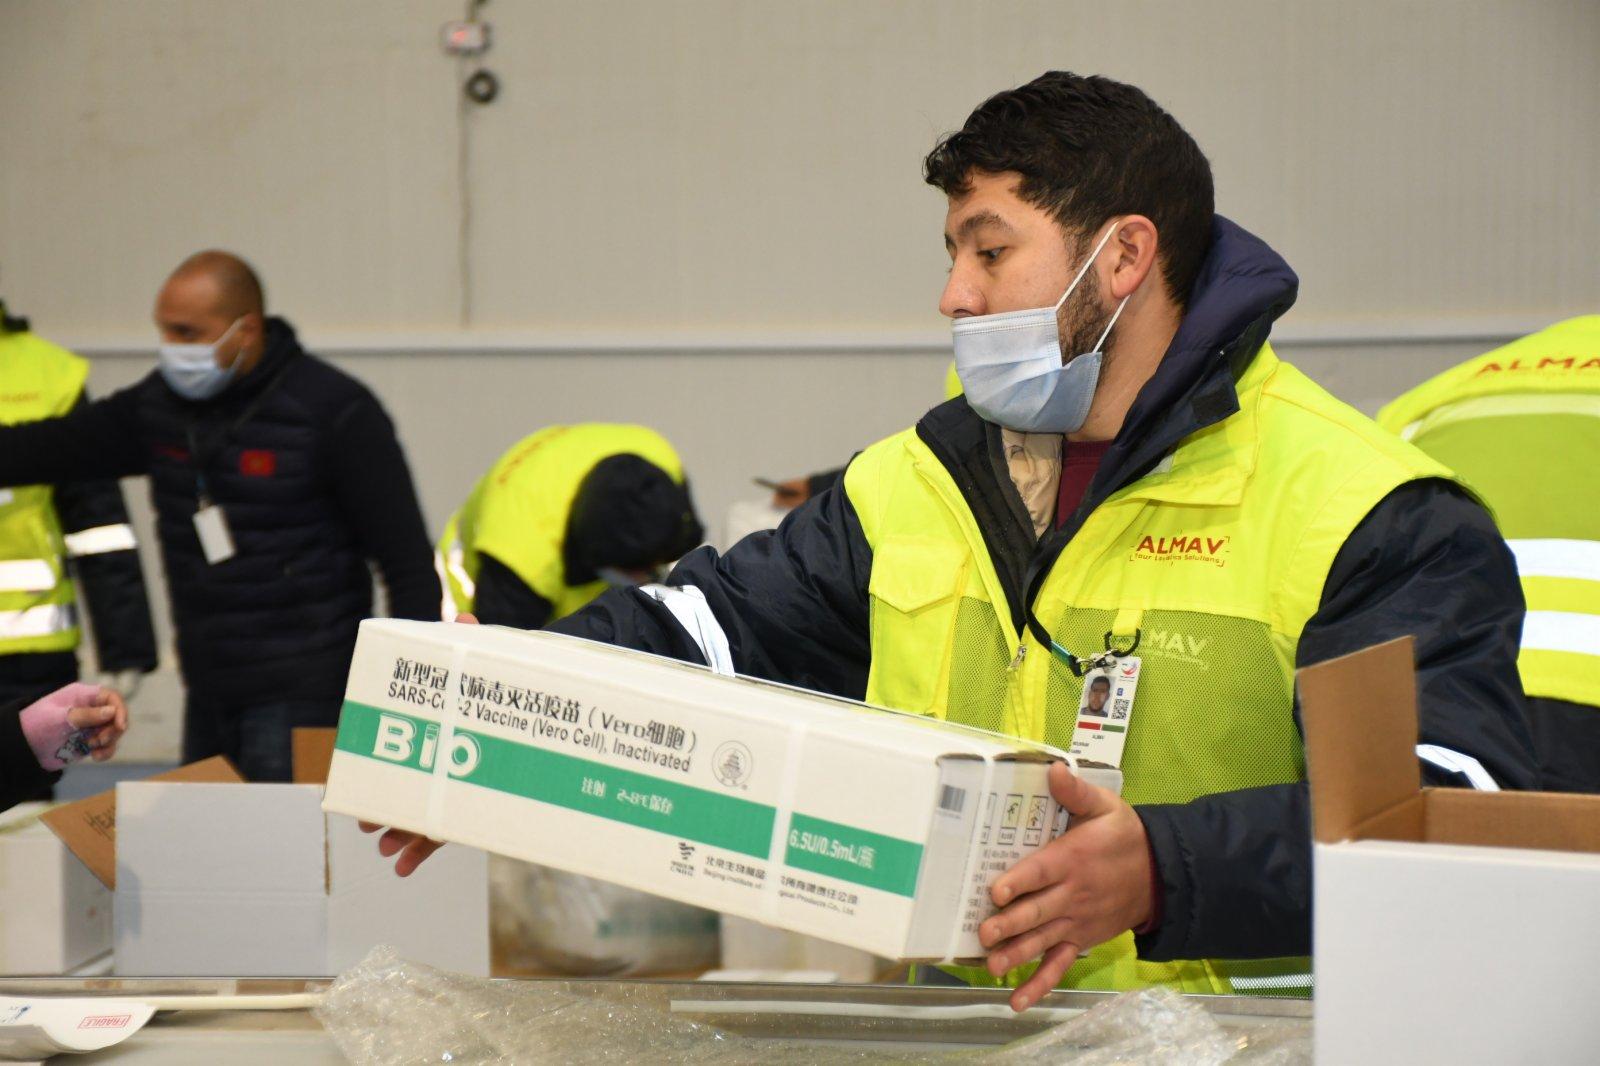 1月27日,在摩洛哥卡薩布蘭卡,工作人員搬運剛剛運抵的中國新冠疫苗。